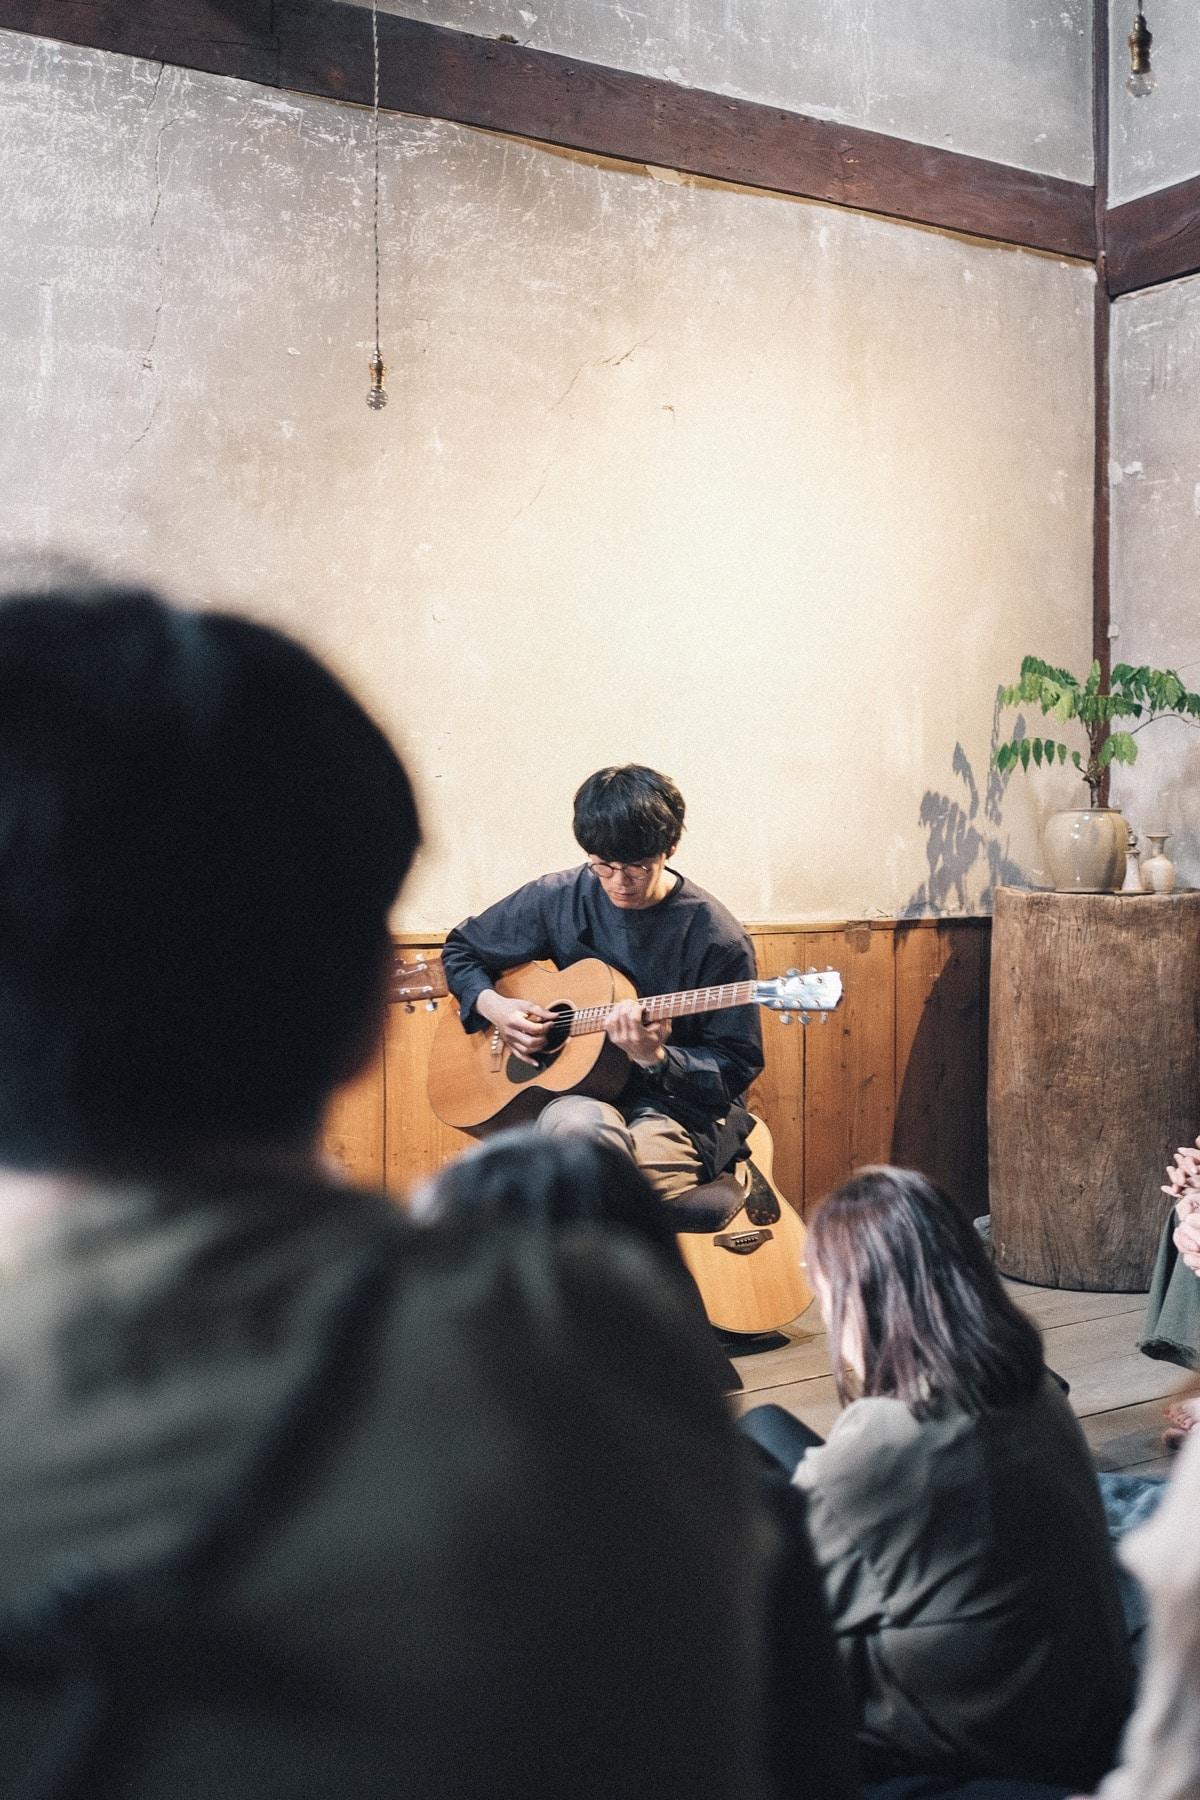 Kinlake-Kyoto-Lifestyle-2018-8466